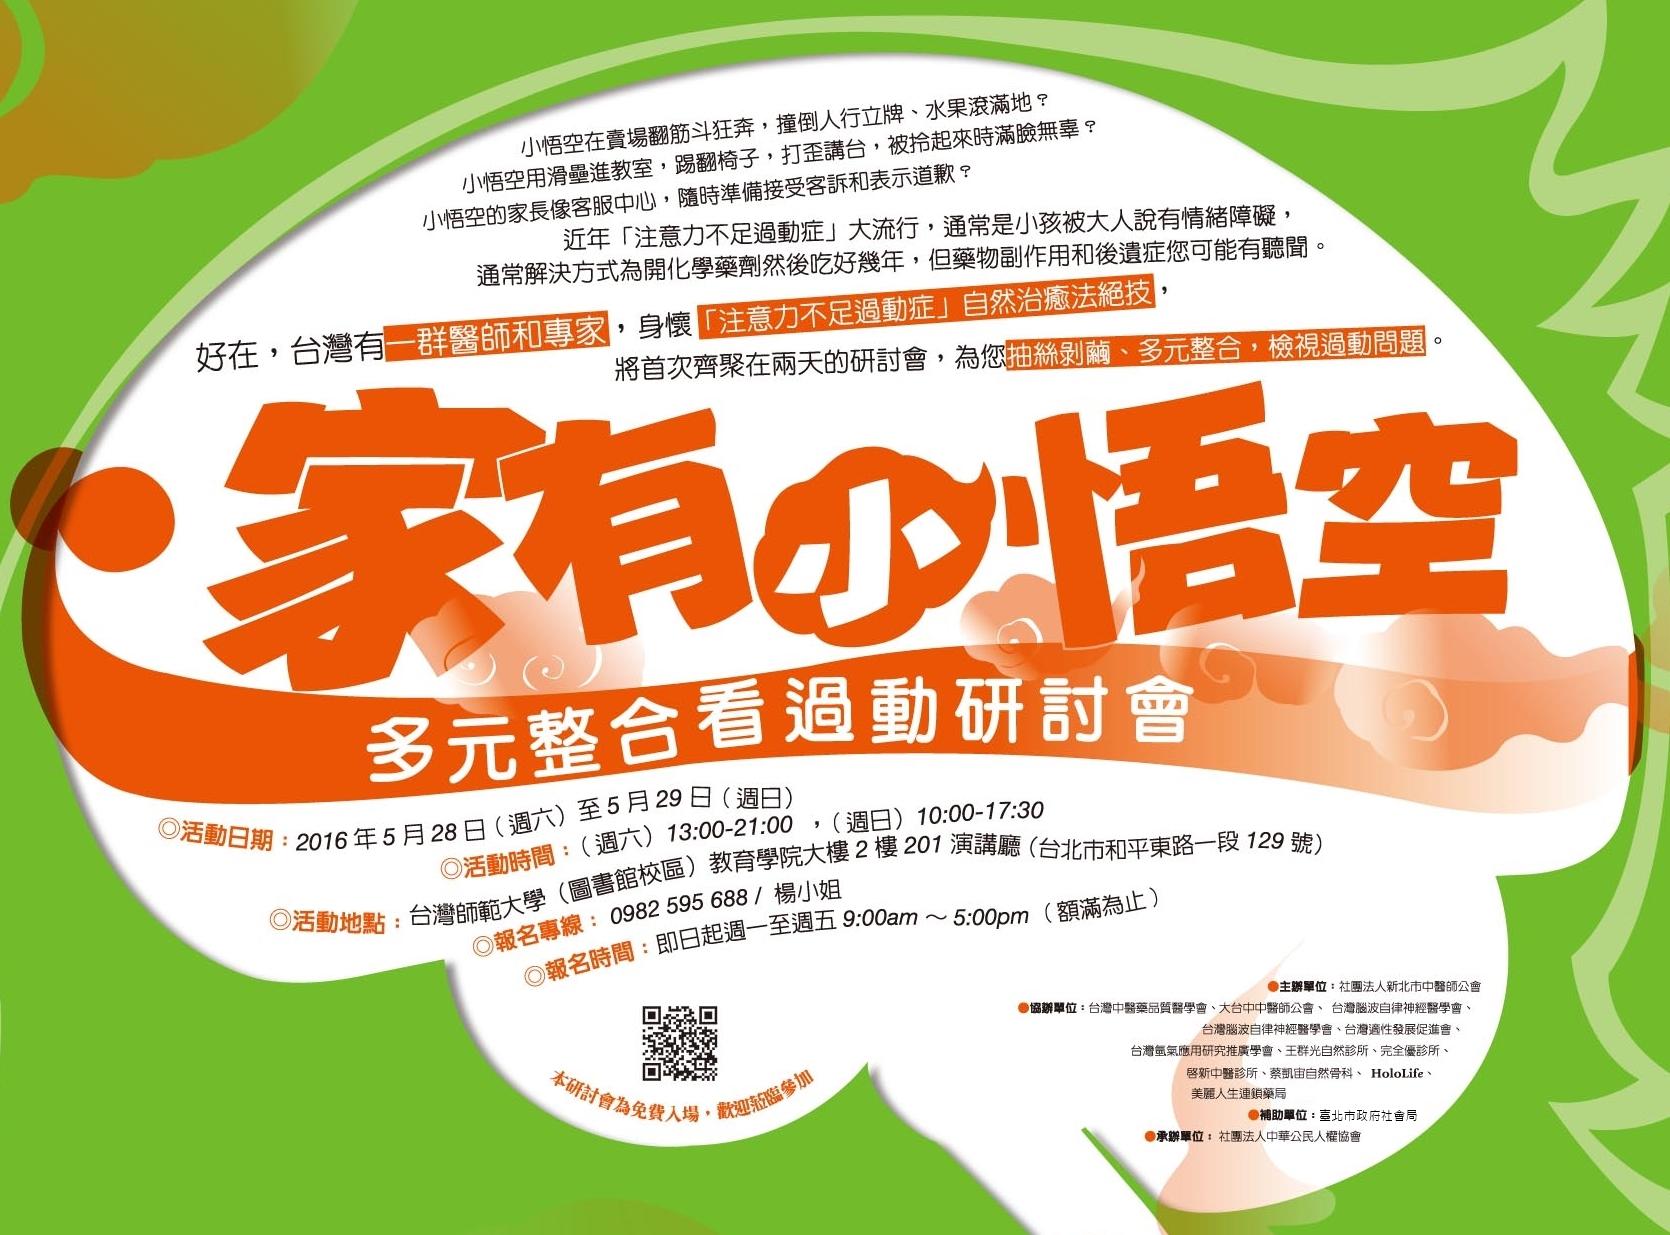 亞洲不應使用西方精神科對於注意力不足過動症(ADHD)的診斷,及興奮劑處方的治療